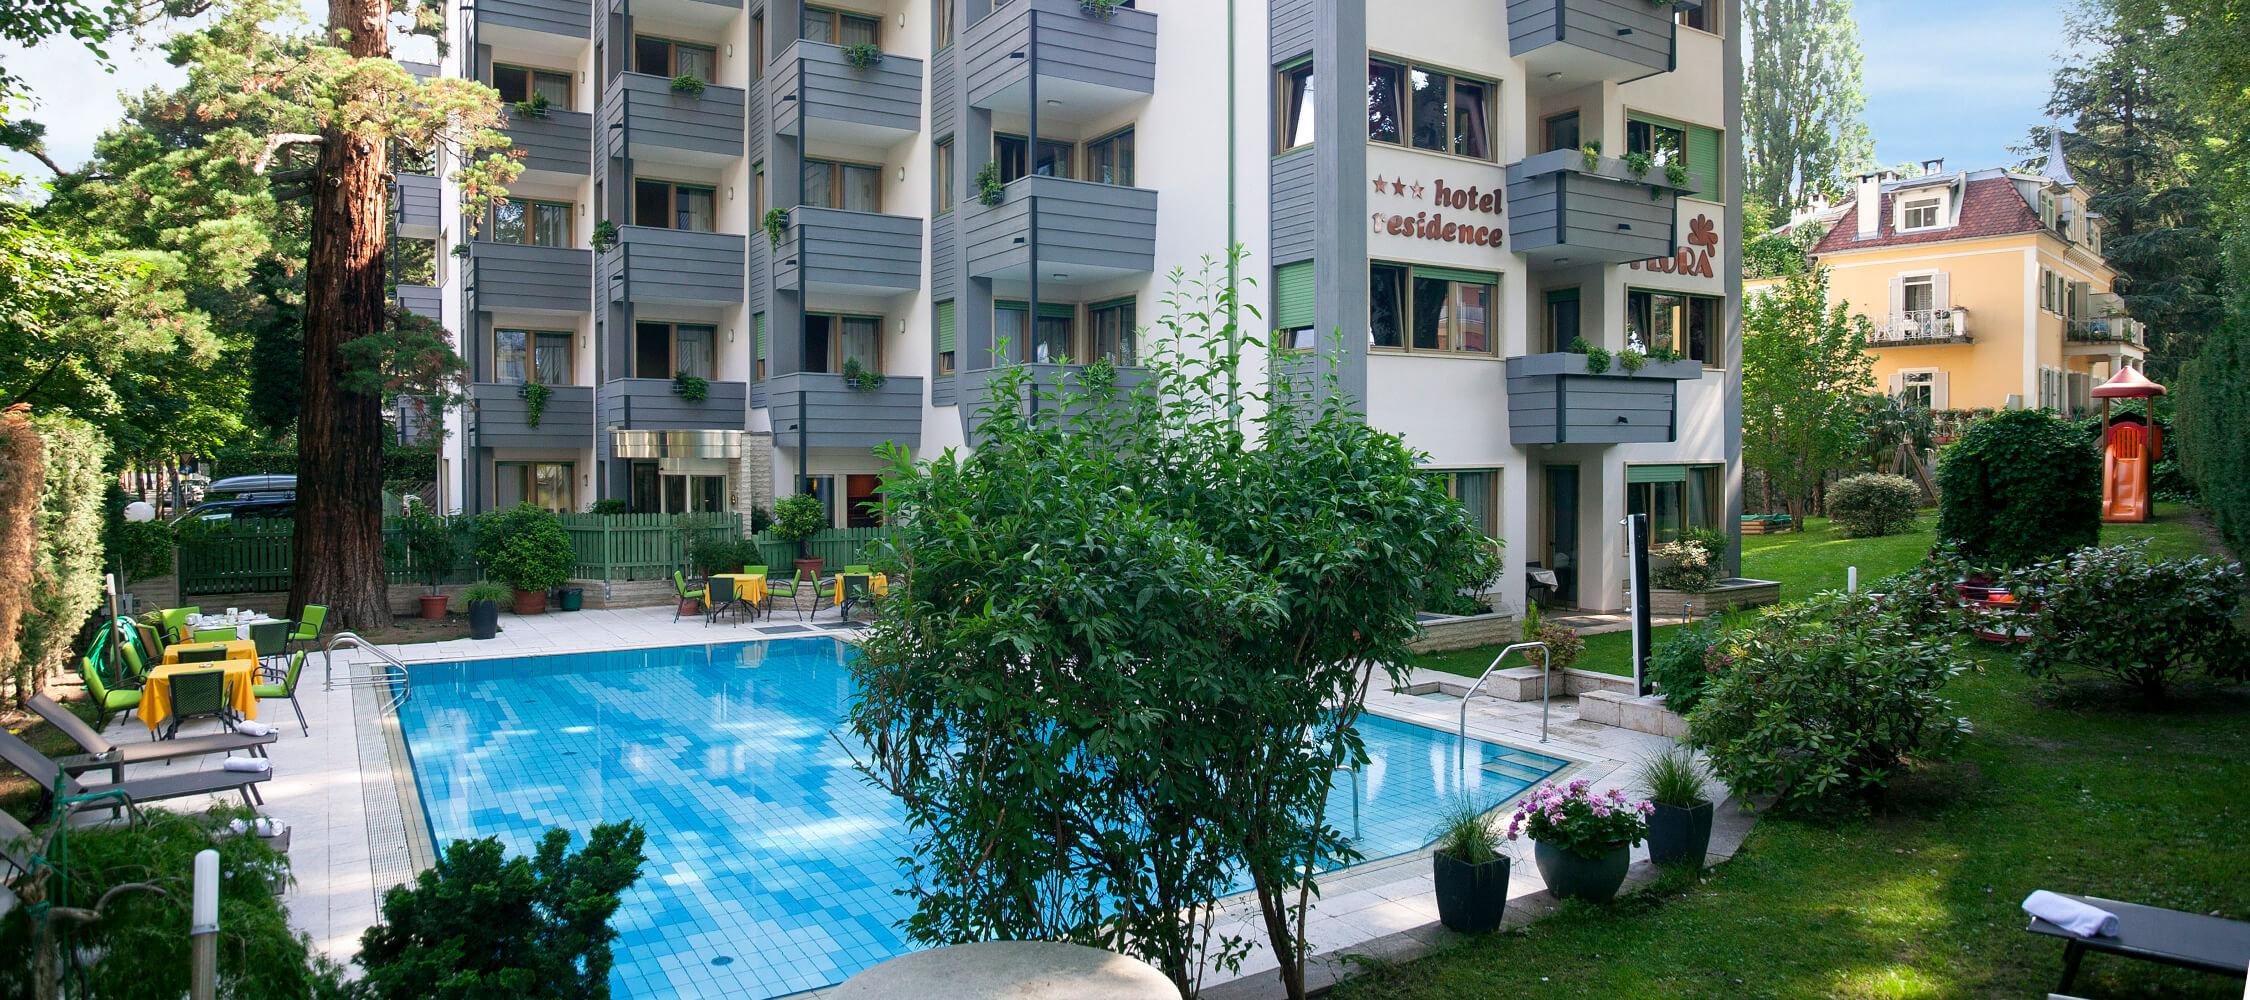 Hotel Flora, 3 stelle, Merano, Alto Adige, vicino centro storico, Mercatini e Terme Merano, ampio giardino con piscina riscaldata, 60 suites